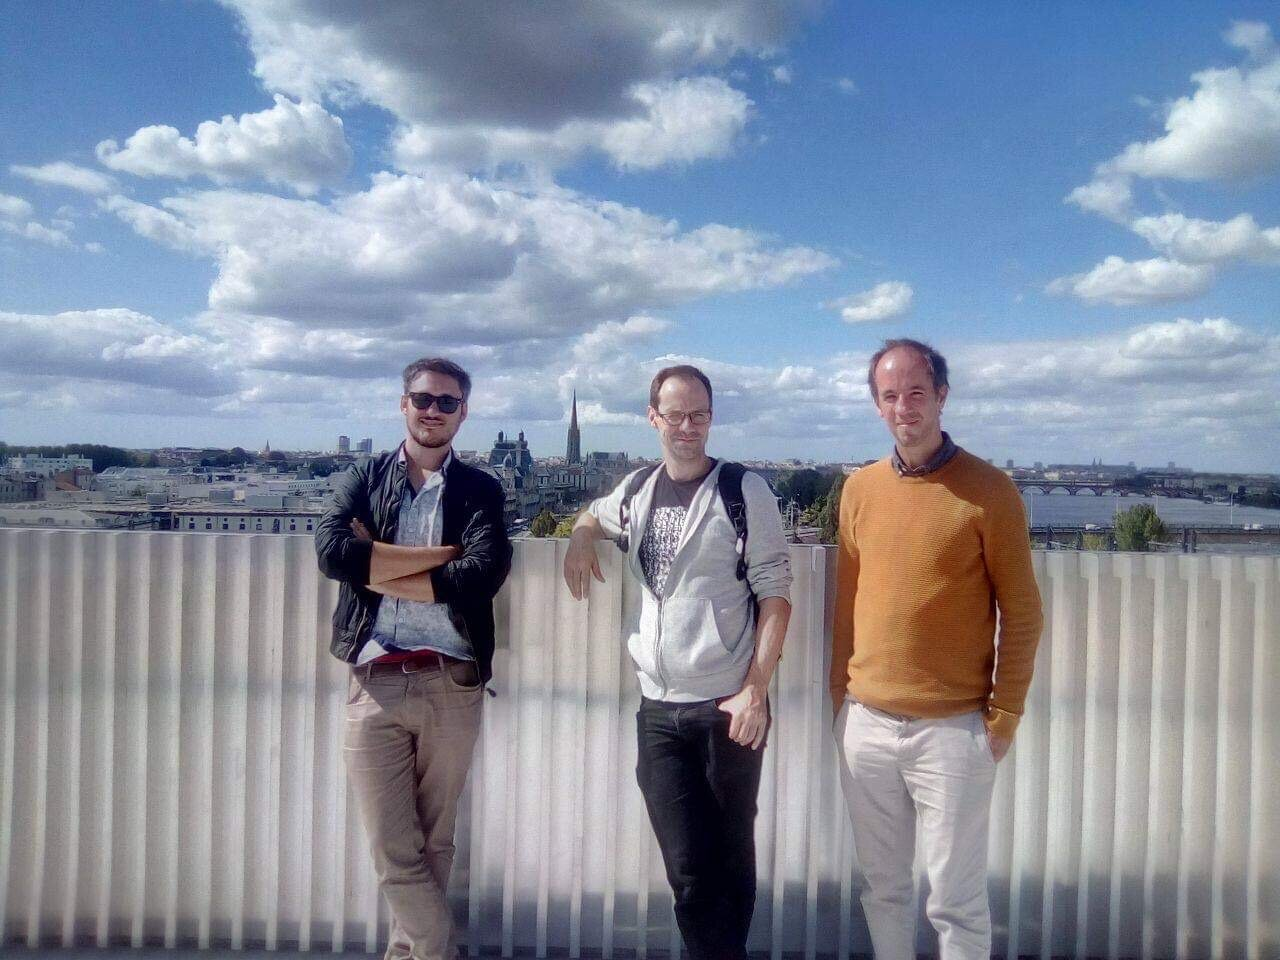 Clément Simon, Julien Dubois et Thomas Julienne, de gauche à droite.